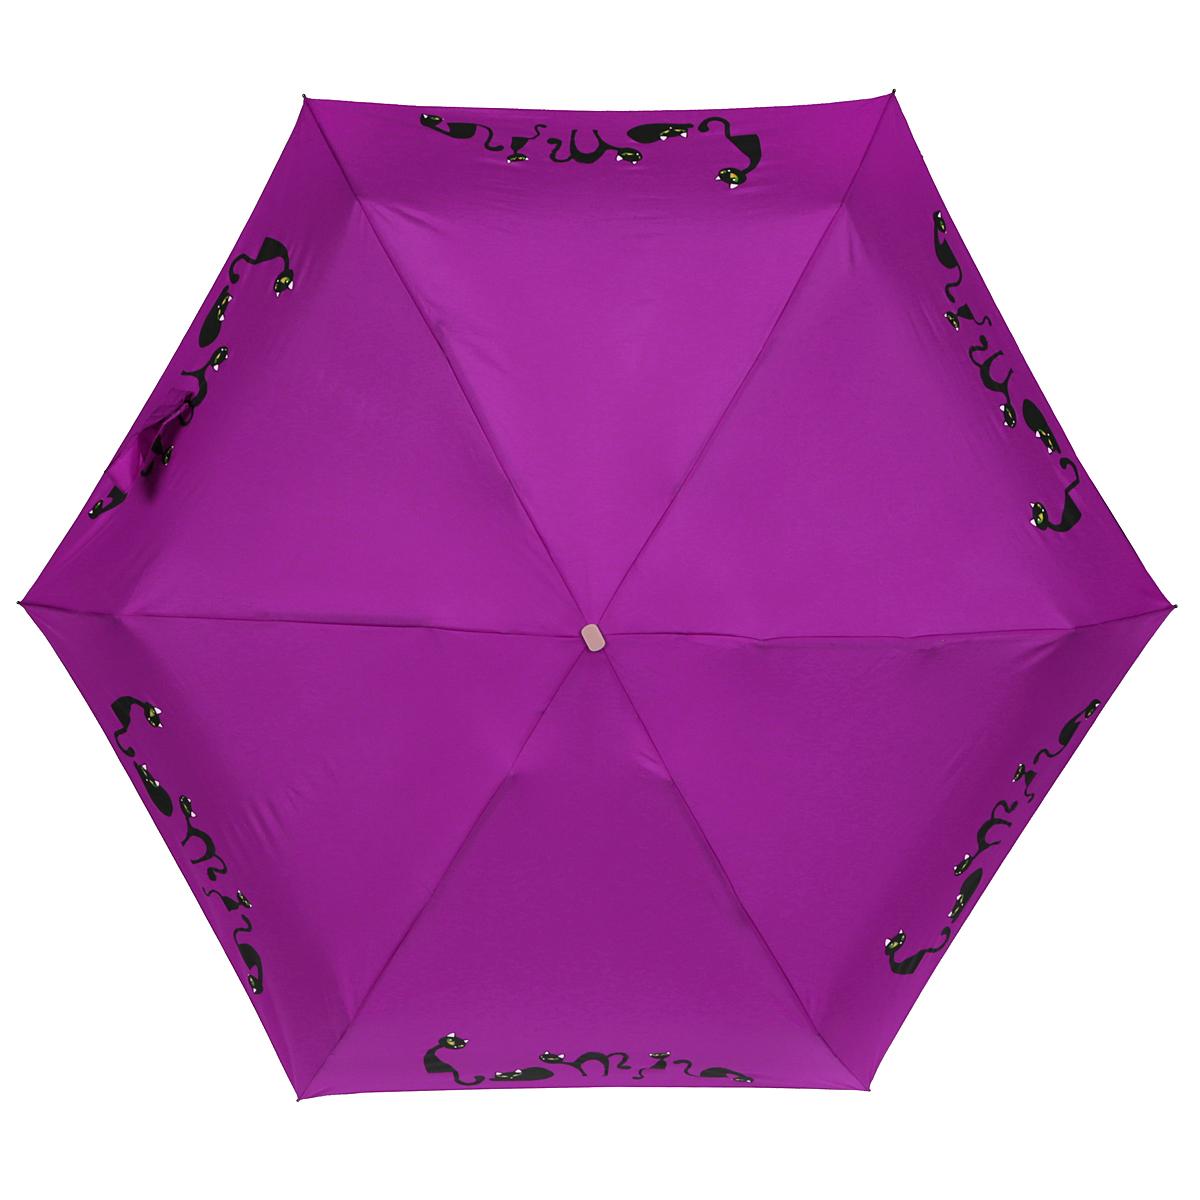 Зонт женский Zest, механический, 5 сложений, цвет: фиолетовый. 25569-102325569-1023Элегантный механический зонт Zest в 5 сложений изготовлен из высокопрочных материалов. Каркас зонта состоит из 6 спиц и прочного алюминиевого стержня. Специальная система Windproof защищает его от поломок во время сильных порывов ветра. Купол зонта выполнен из прочного полиэстера с водоотталкивающей пропиткой и оформлен изображением прелестных кошечек. Используемые высококачественные красители обеспечивают длительное сохранение свойств ткани купола. Рукоятка, разработанная с учетом требований эргономики, выполнена из пластика.Зонт механического сложения: купол открывается и закрывается вручную до характерного щелчка.Небольшой шнурок, расположенный на рукоятке, позволяет надеть изделие на руку при необходимости. Модель закрывается при помощи хлястика на застежку-липучку. К зонту прилагается чехол.Очаровательный зонт не только выручит вас в ненастную погоду, но и станет стильным аксессуаром, который прекрасно дополнит ваш модный образ.